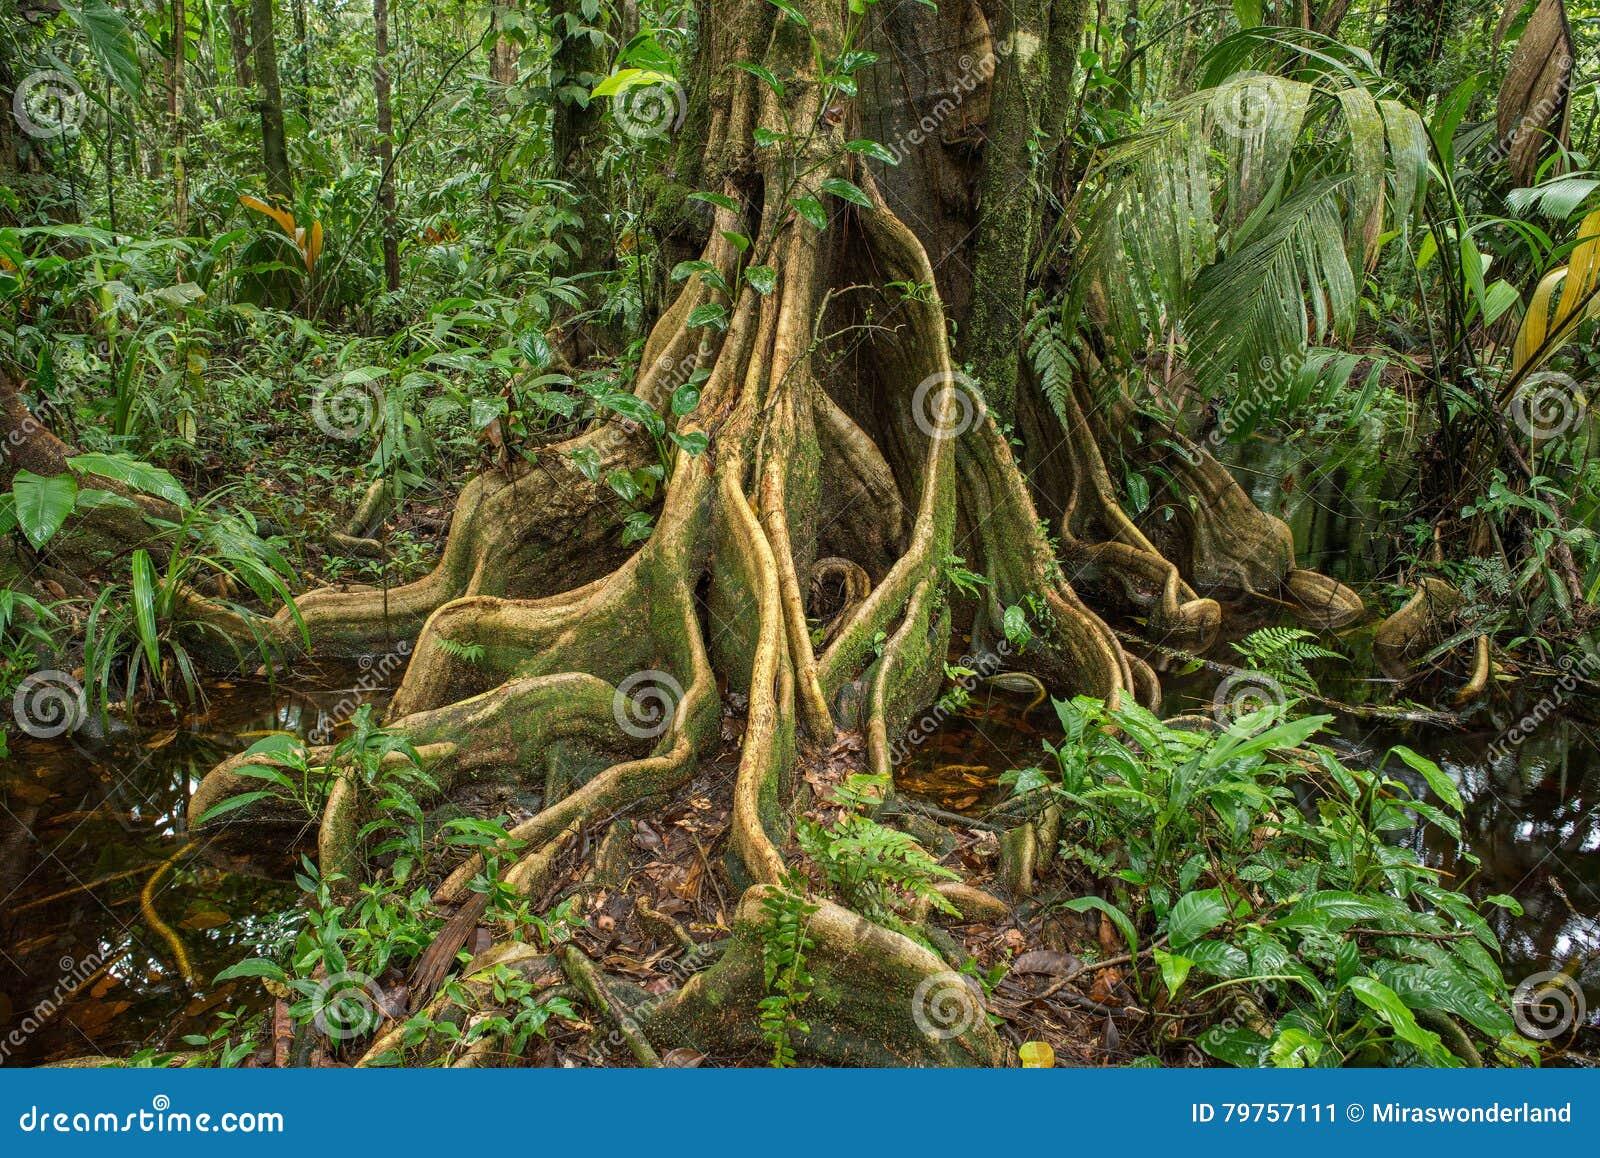 racines d 39 enroulement d 39 un arbre tropical image stock image du outside costa 79757111. Black Bedroom Furniture Sets. Home Design Ideas